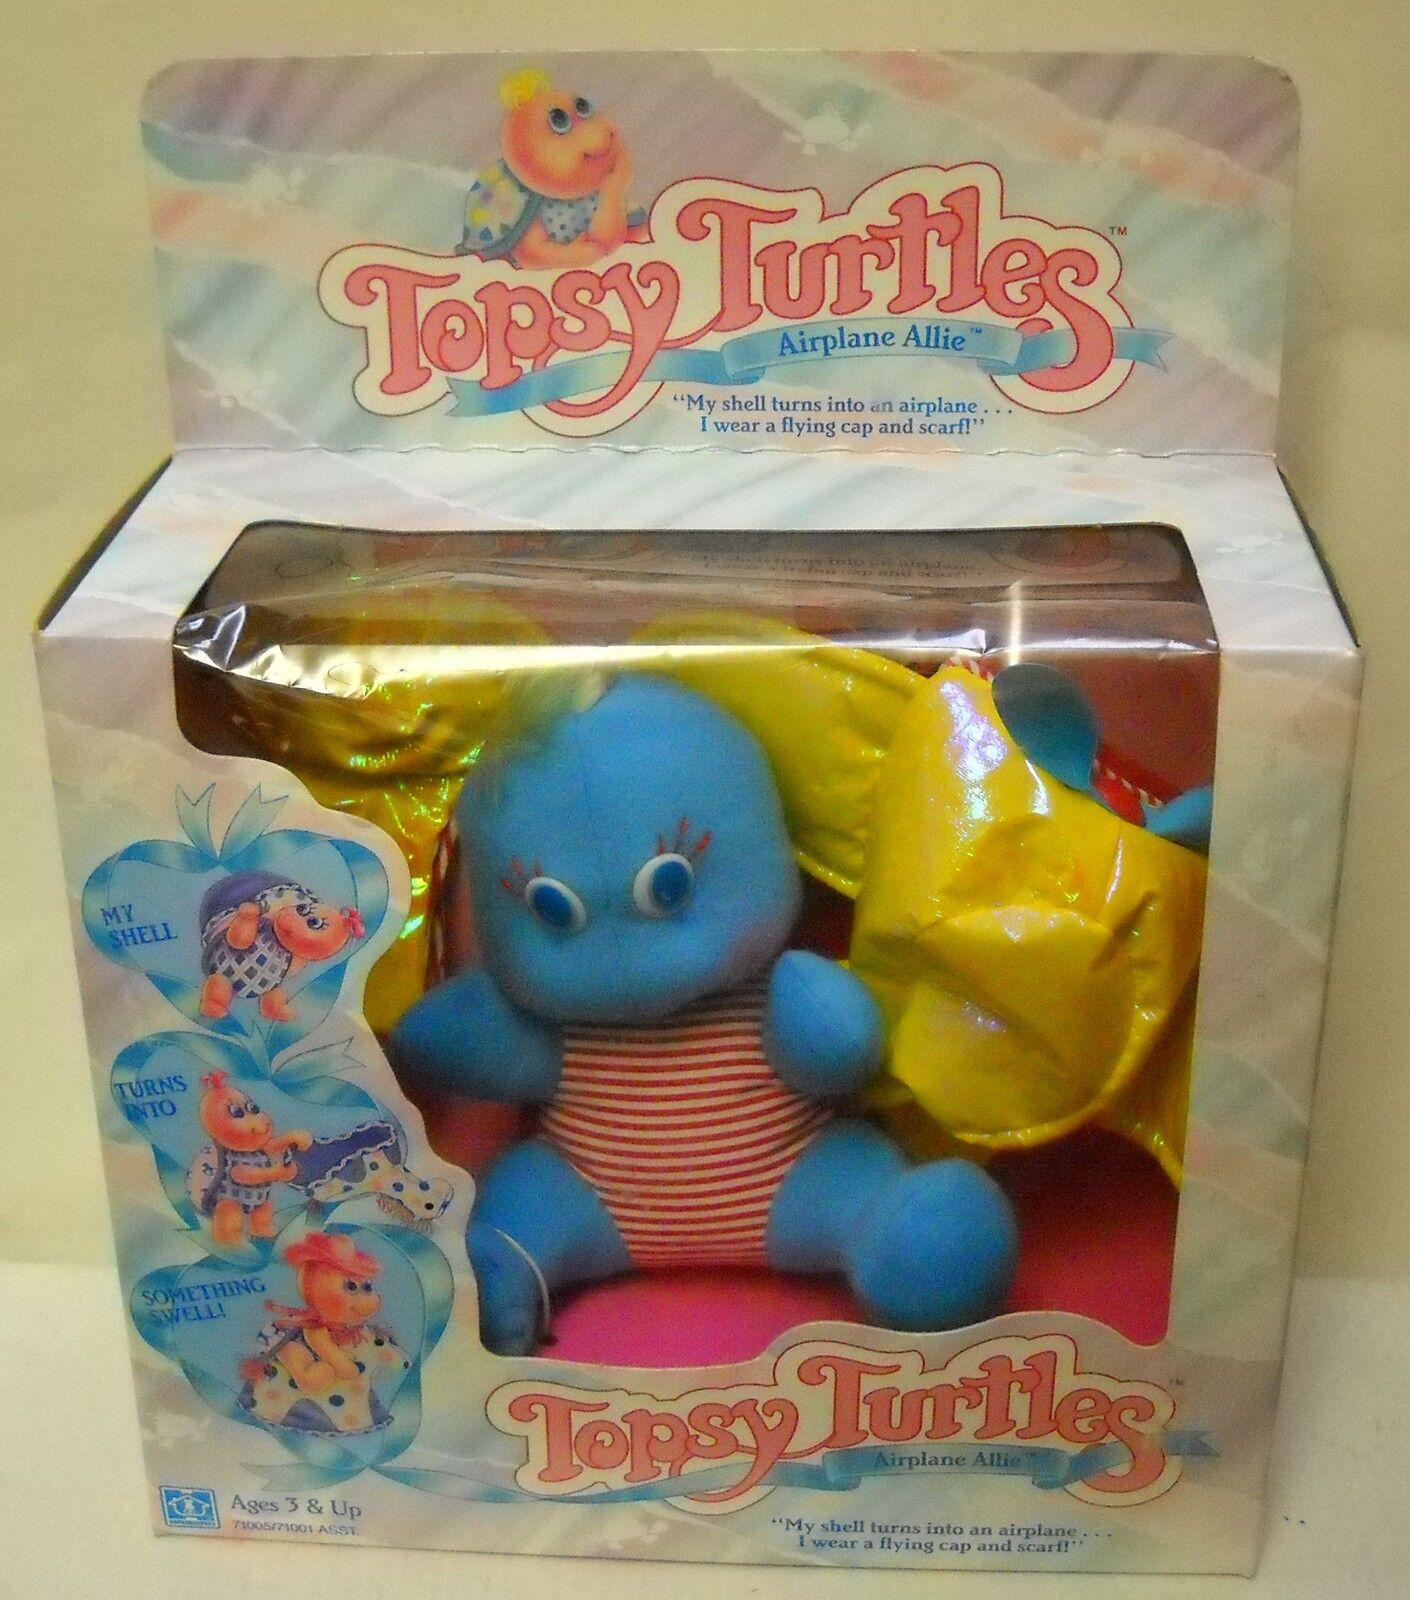 Nunca quitado de la Caja Vintage Hasbro Topsy tortugas avión Allie Peluche Tortuga